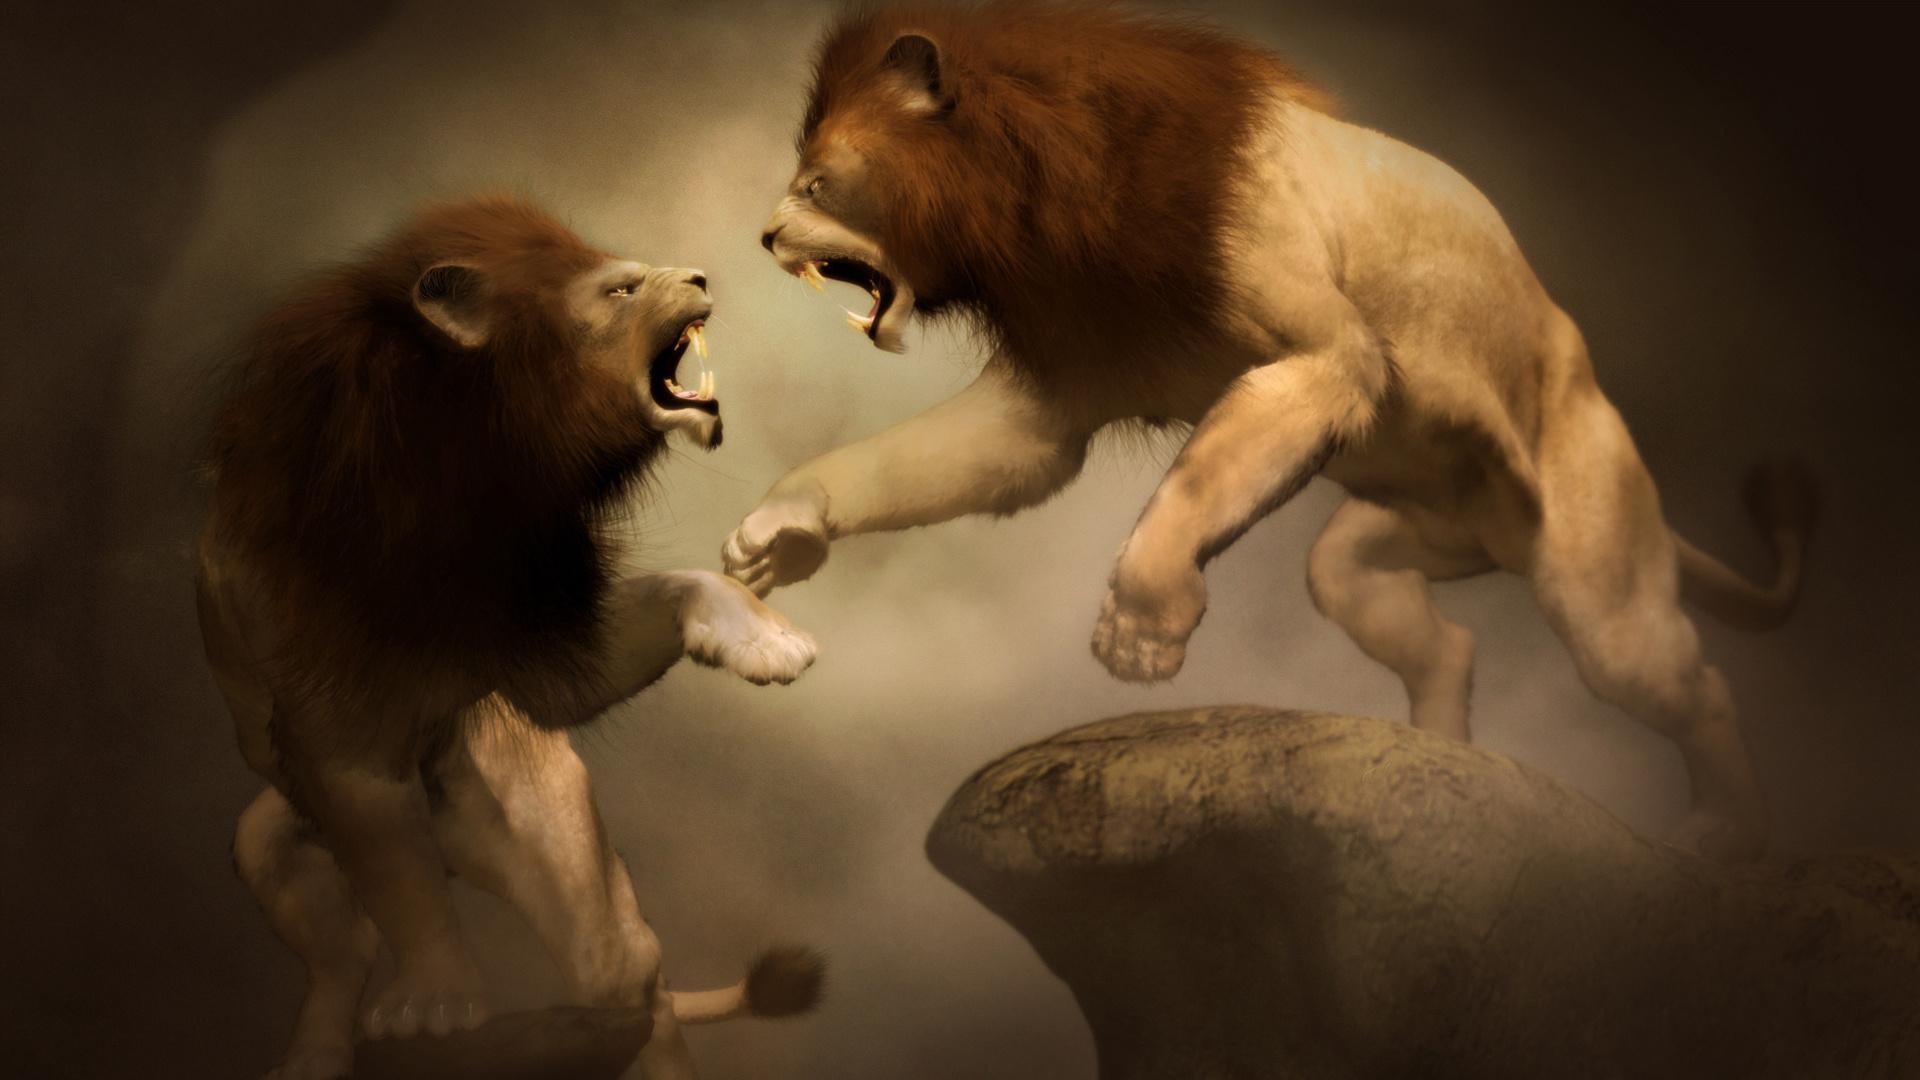 для картинка битва с самим собой сегодня